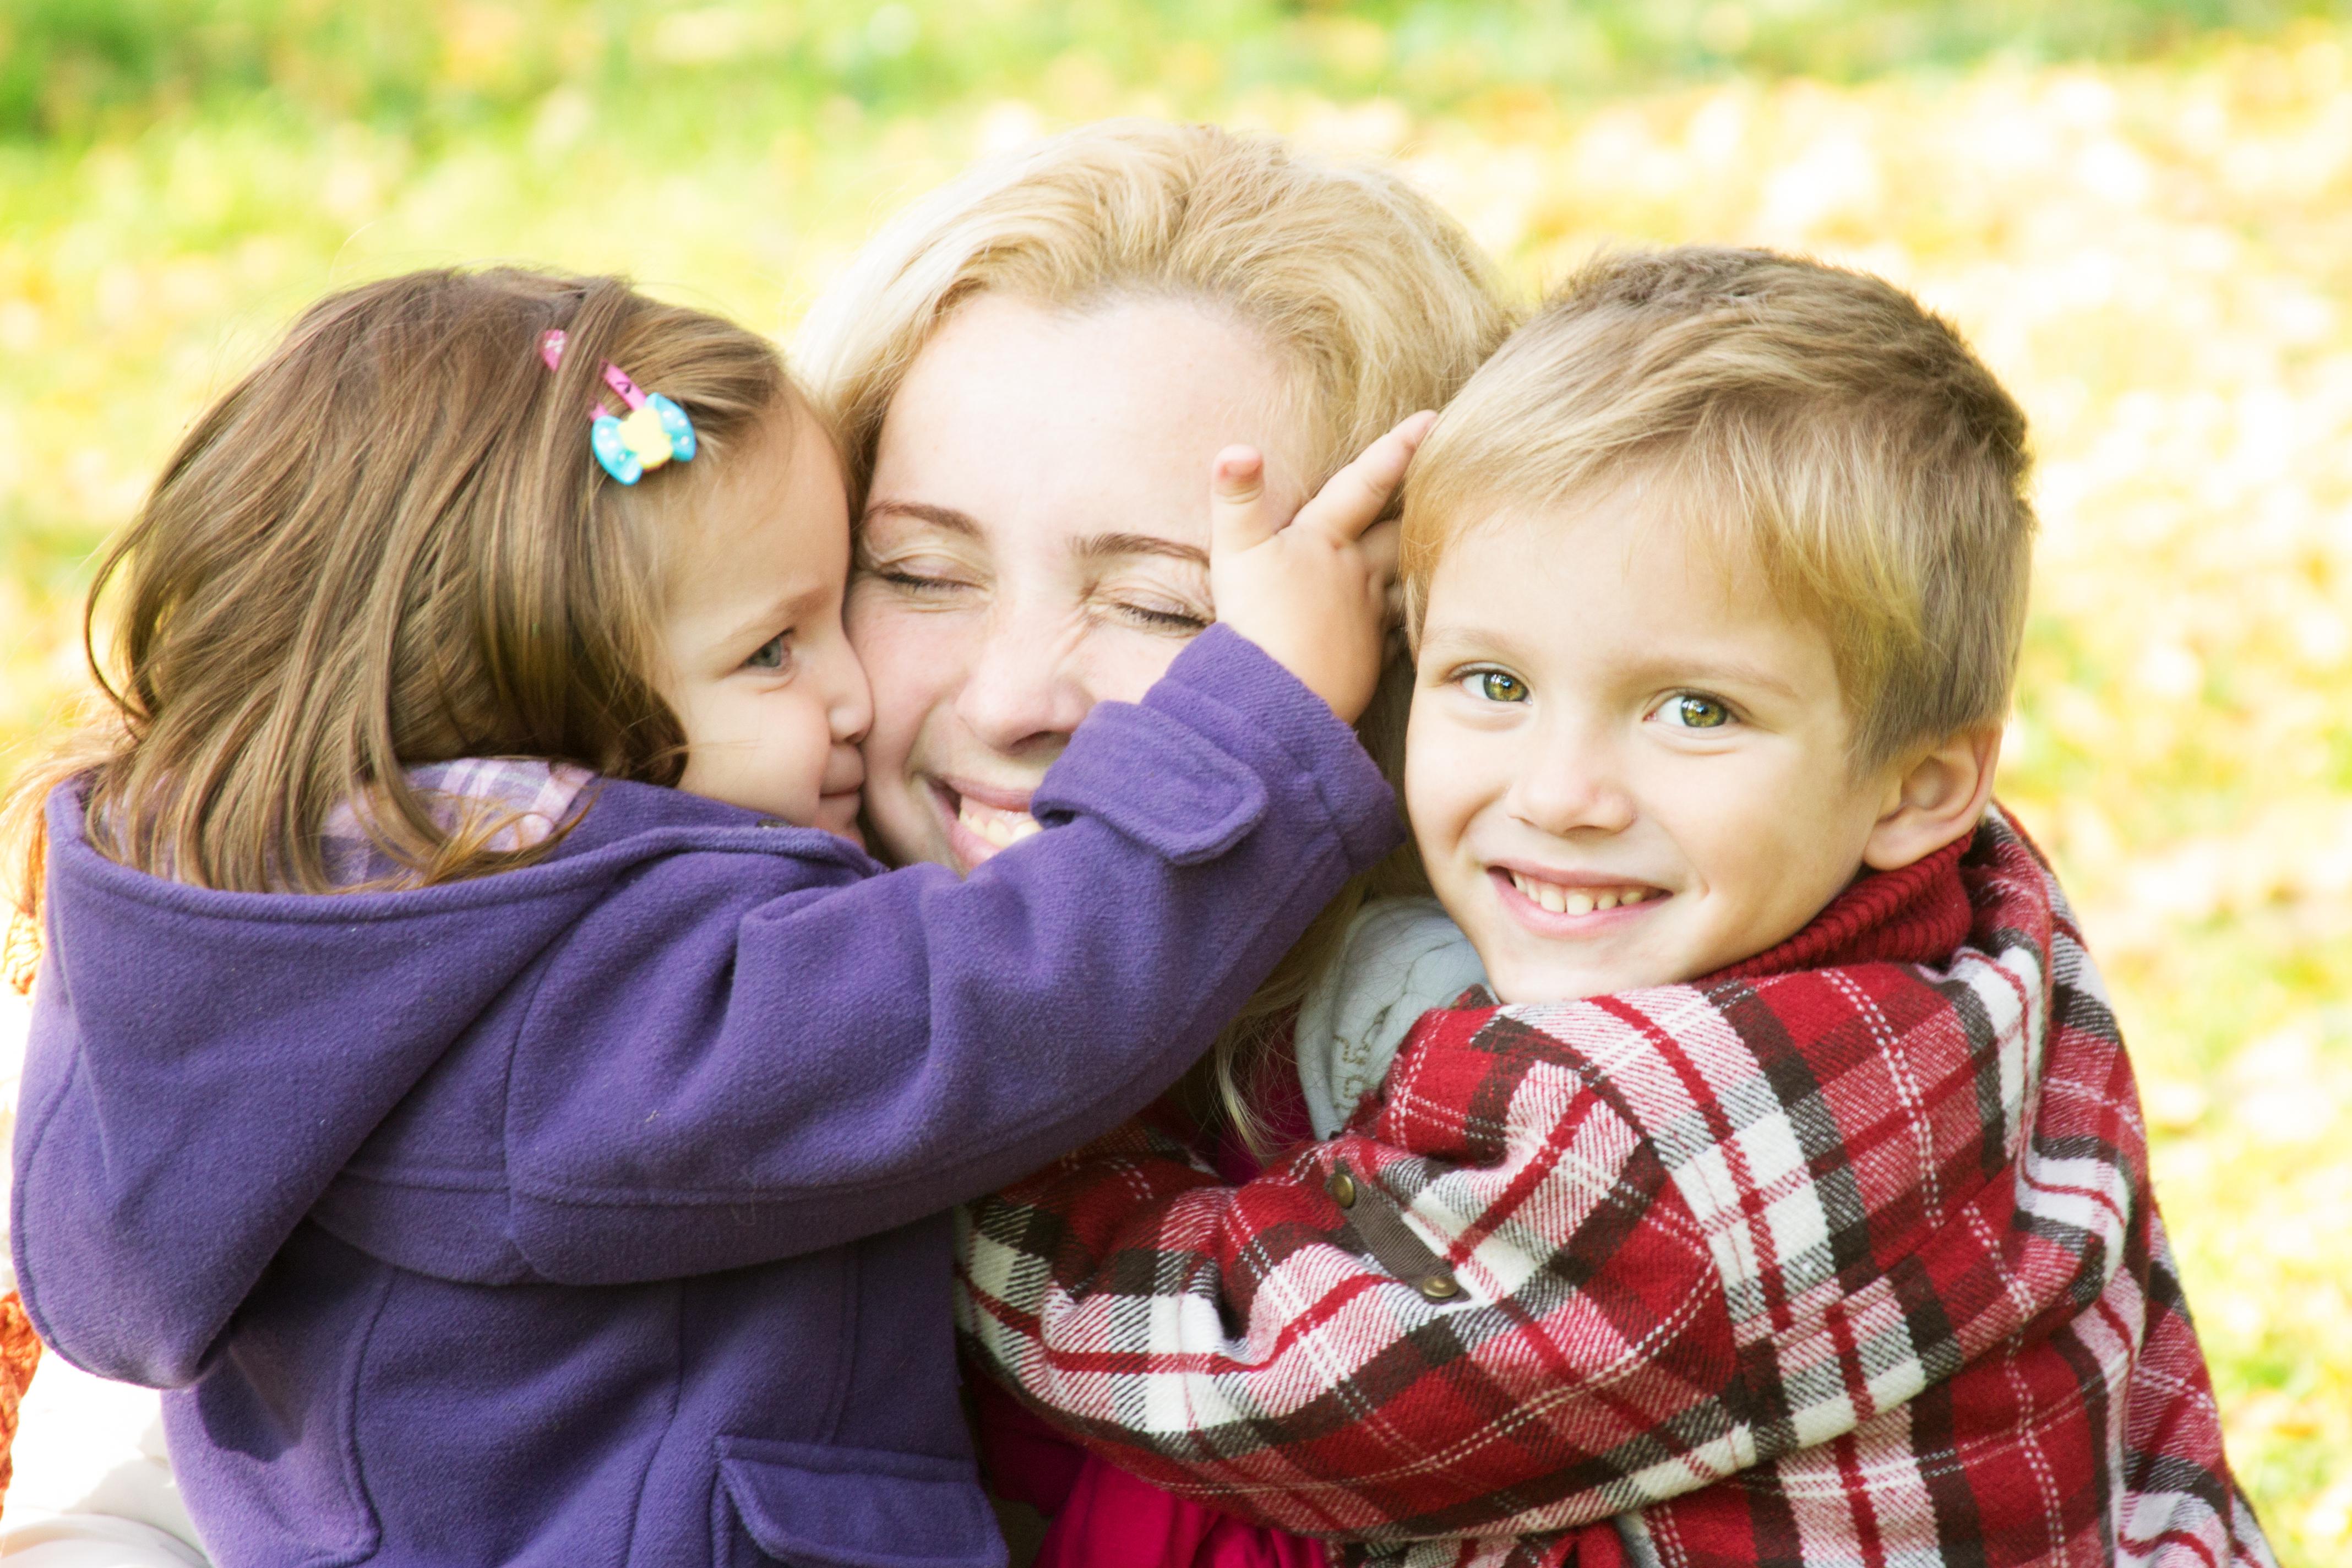 Copiii mai mici de 3 ani trebuie sa fie ingrijiti de asistenti maternali. UNICEF cere Romaniei sa schimbe legea